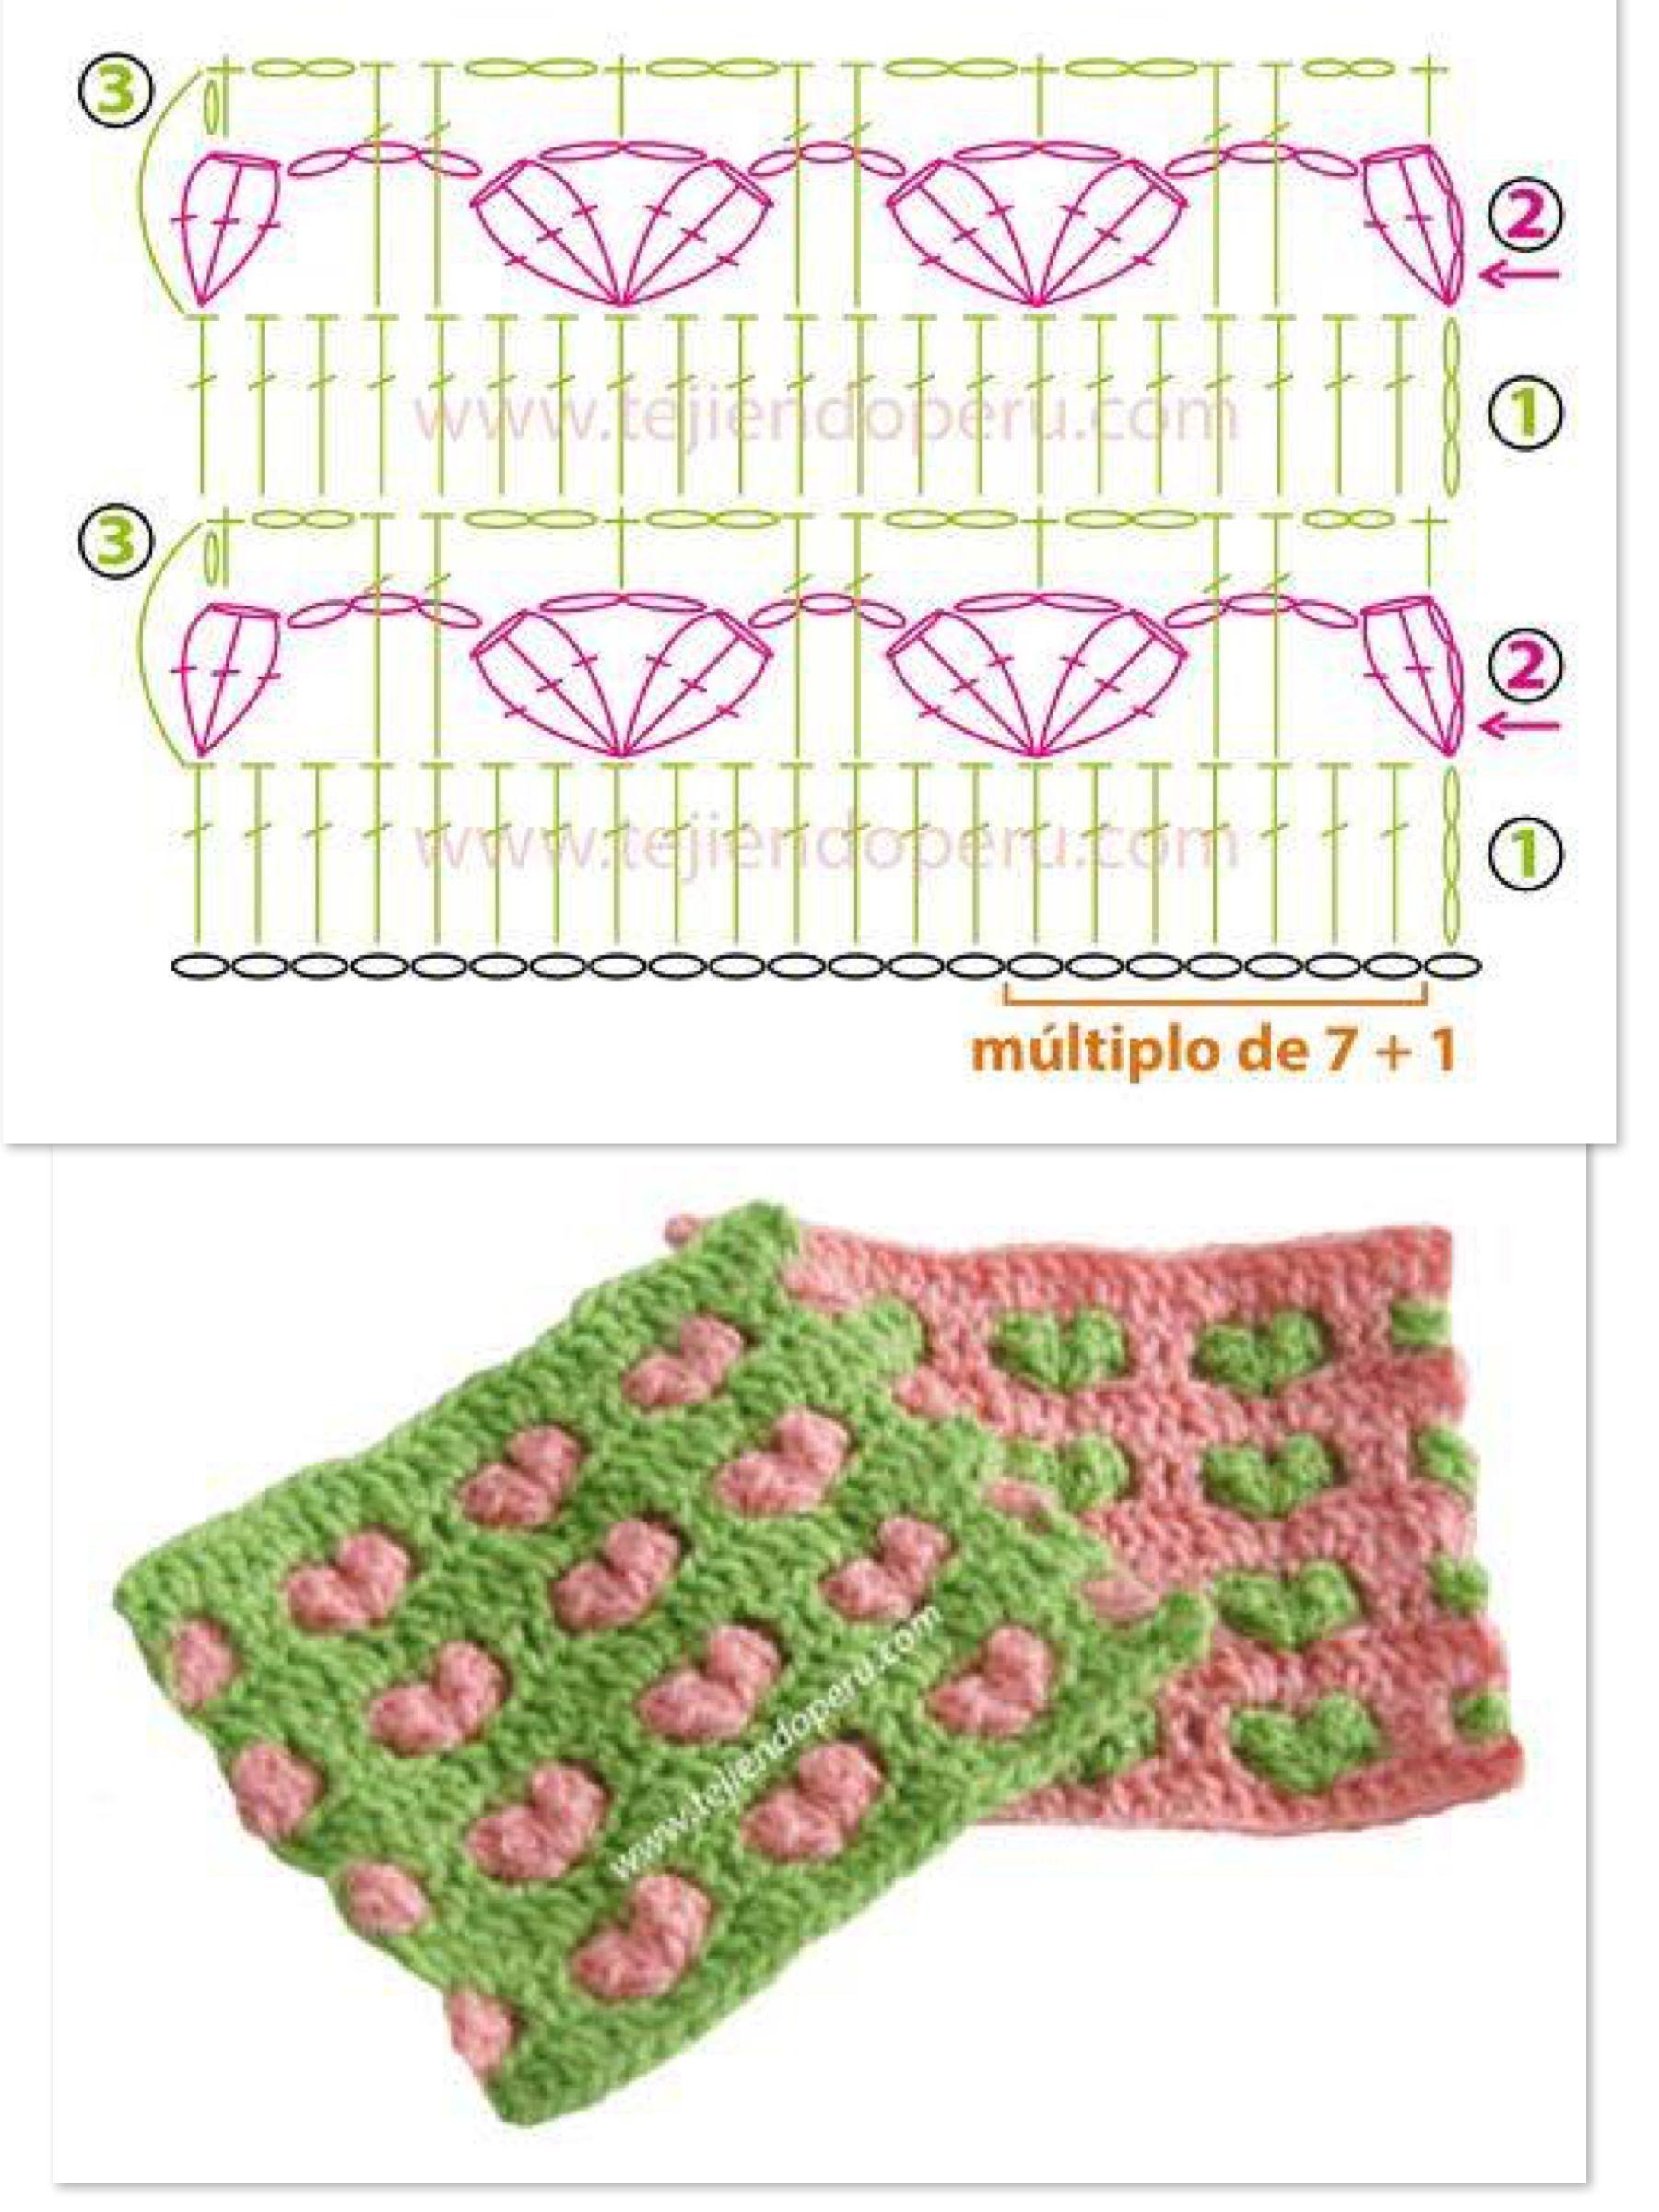 Pin de Marisa en Crochet | Pinterest | Tejido y Puntos